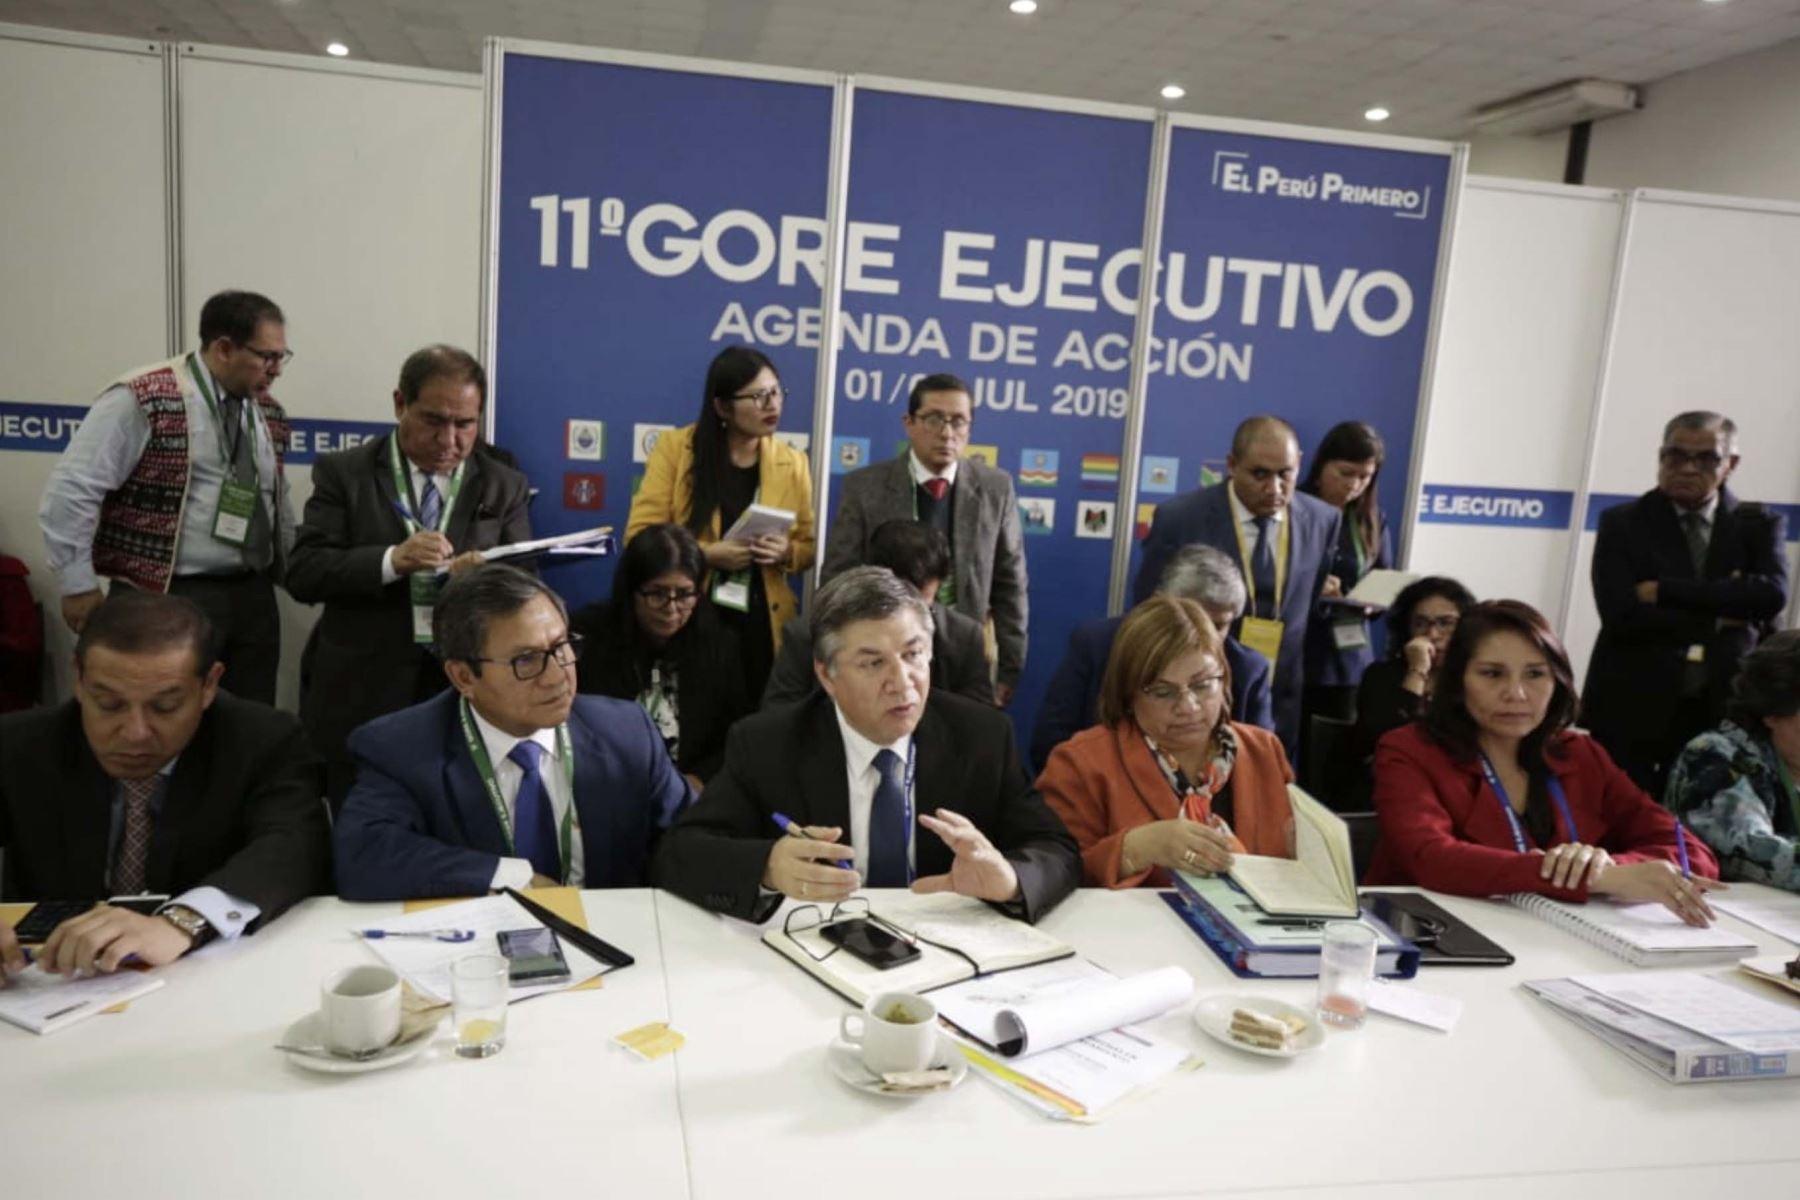 Ministros de Estado y Gobernadores regionales se reúnen  en el 11º Gore Ejecutivo en la Fortaleza Real Felipe del Callao.  Foto:ANDINA/PCM